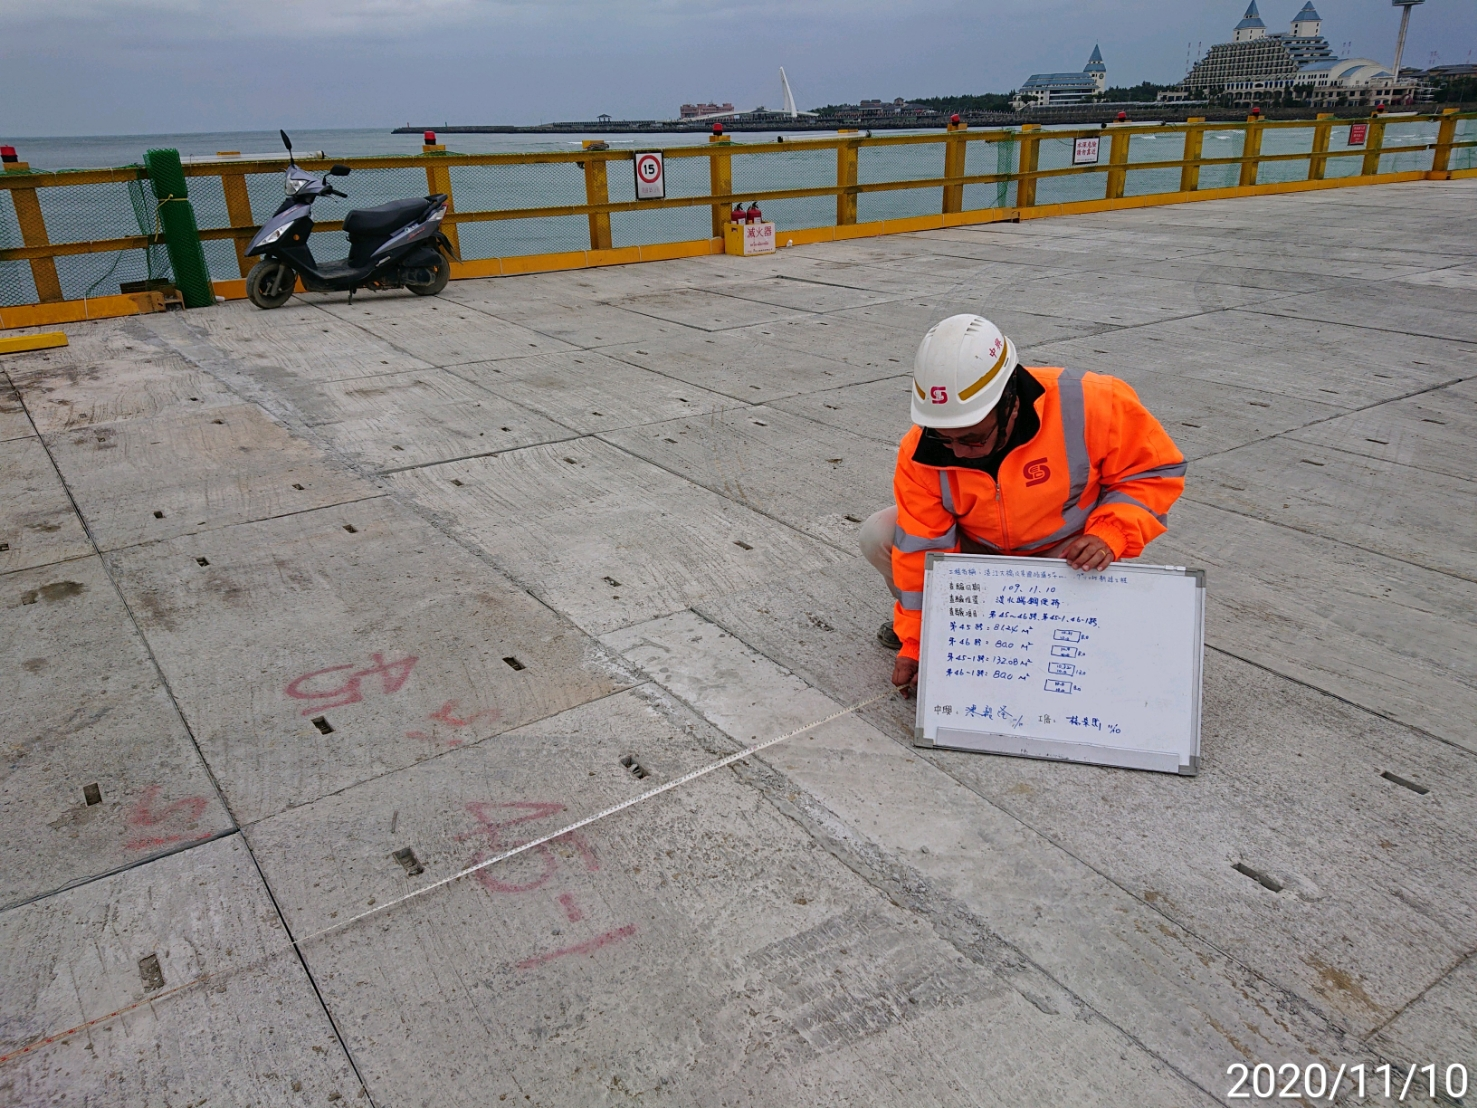 淡水端施工鋼便橋混凝土複合式覆蓋板舖設查驗